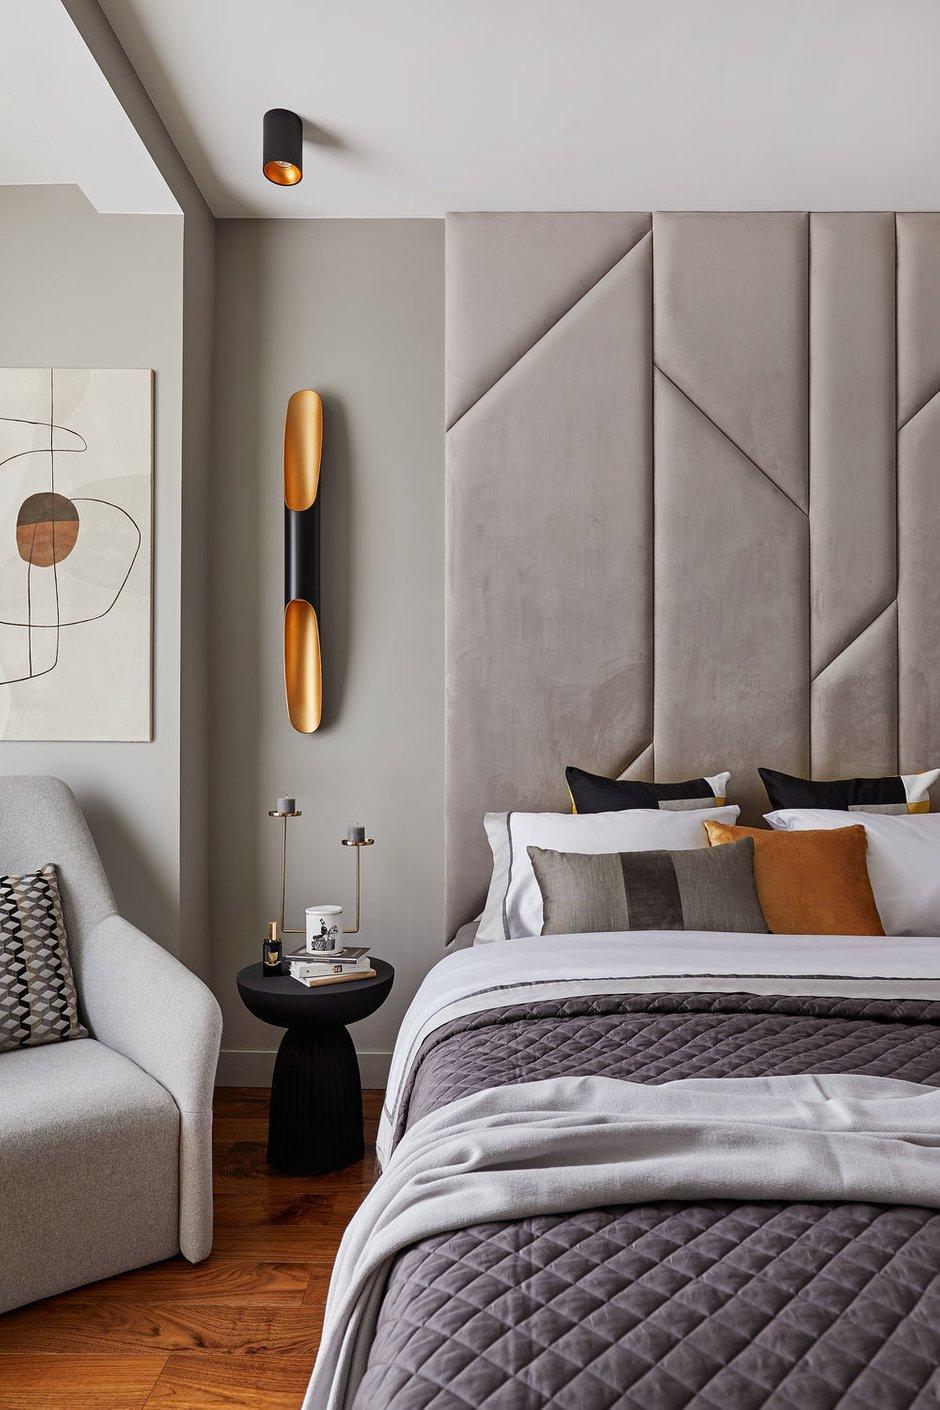 В спальне изголовье кровати выполнили из мягких панелей. Черные и золотые элементы добавили динамики и контраста, сделав пространство более фактурным.